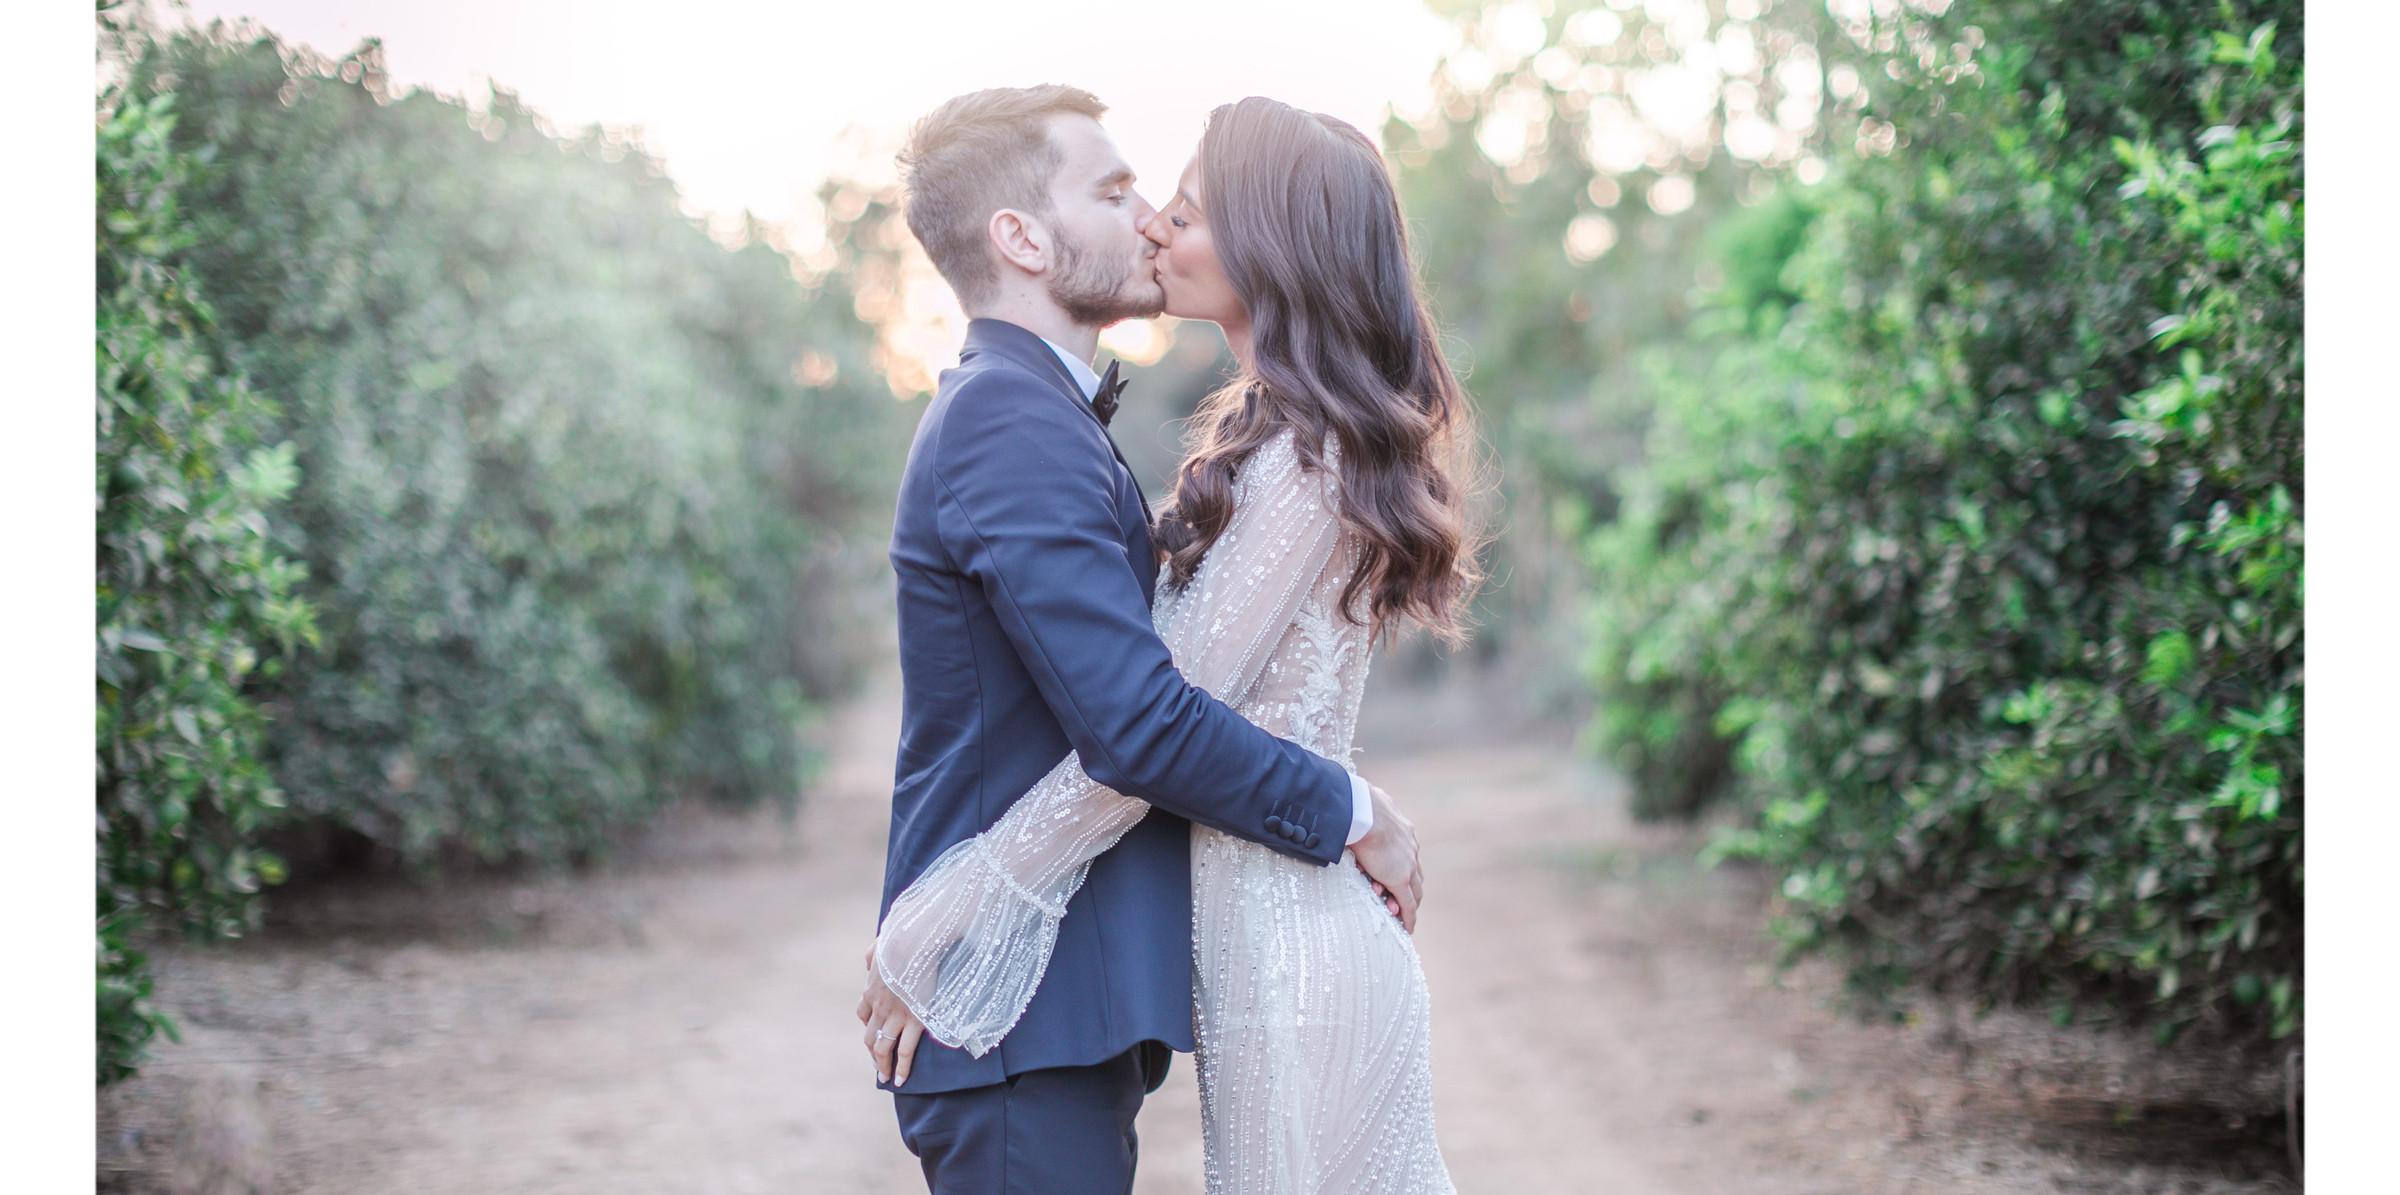 החתונה של סופי ודימה 22.9.2019 הייליט תמ